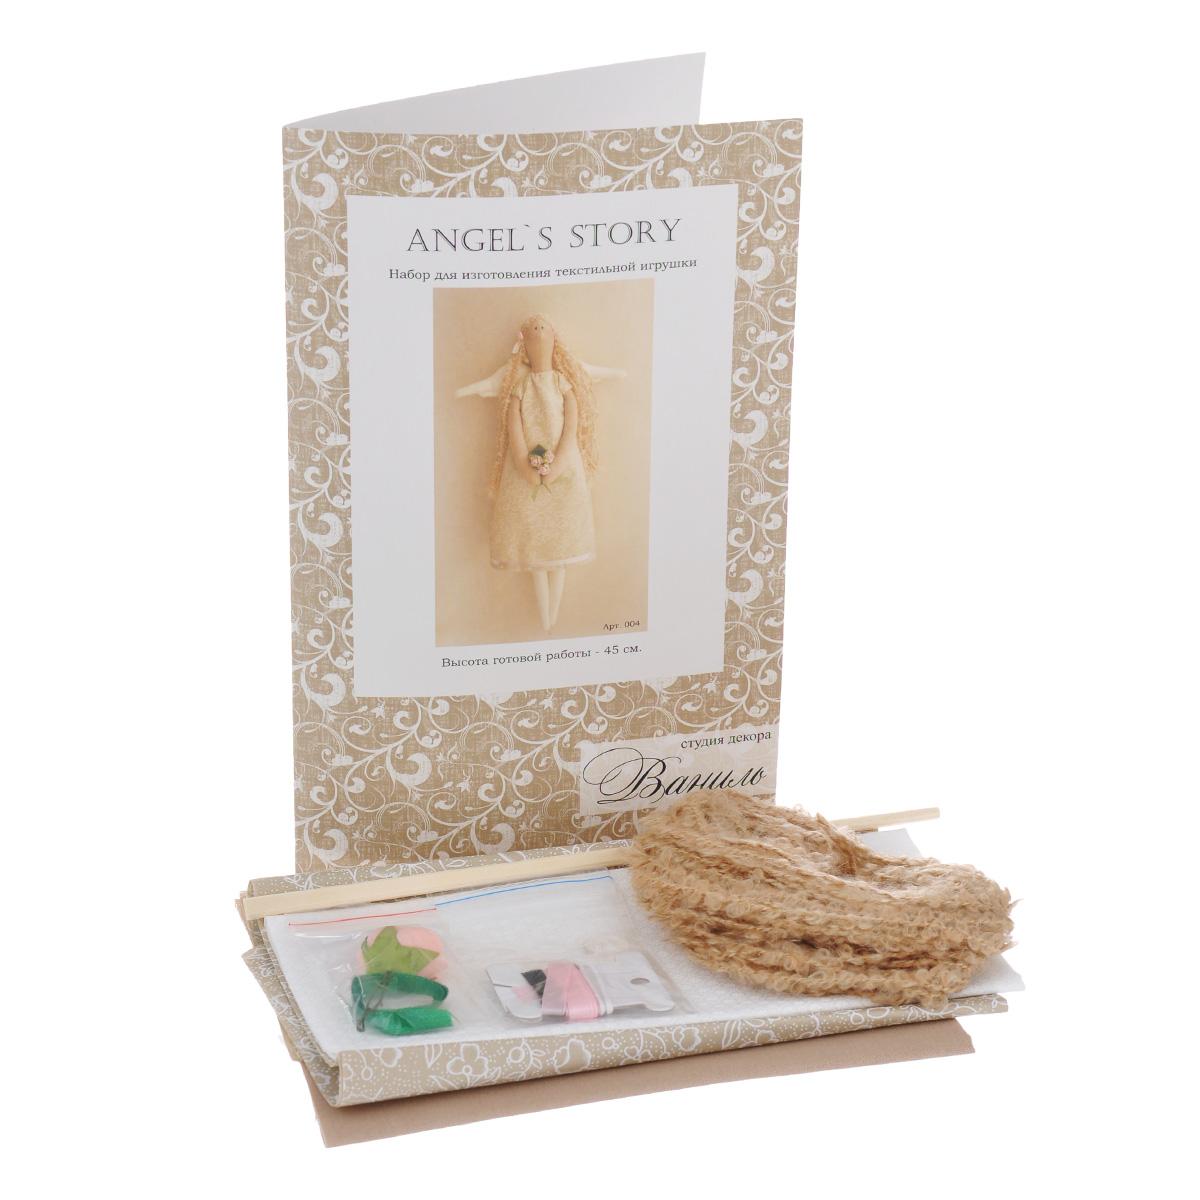 Набор для изготовления игрушки Ваниль Angels Story, высота 45 см315004Набор для изготовления игрушки Ваниль Angels Story позволит самостоятельно создать мягкую текстильную куклу-ангелочка. В комплект входит: - ткань для тела, одежды и крыльев (100% хлопок), - лента атласная, - пуговицы, - нитки для волос, - цветок декоративный, - вощеный шнур, - нитки черный, - деревянная палочка, - инструкция на русском языке. Набор для изготовления текстильной игрушки подарит массу положительных эмоций и позволит создать милую и обаятельную куклу-ангелочка. Наполнитель в комплект не входит. В качестве наполнителя подойдет синтепух. Высота игрушки: 45 см.